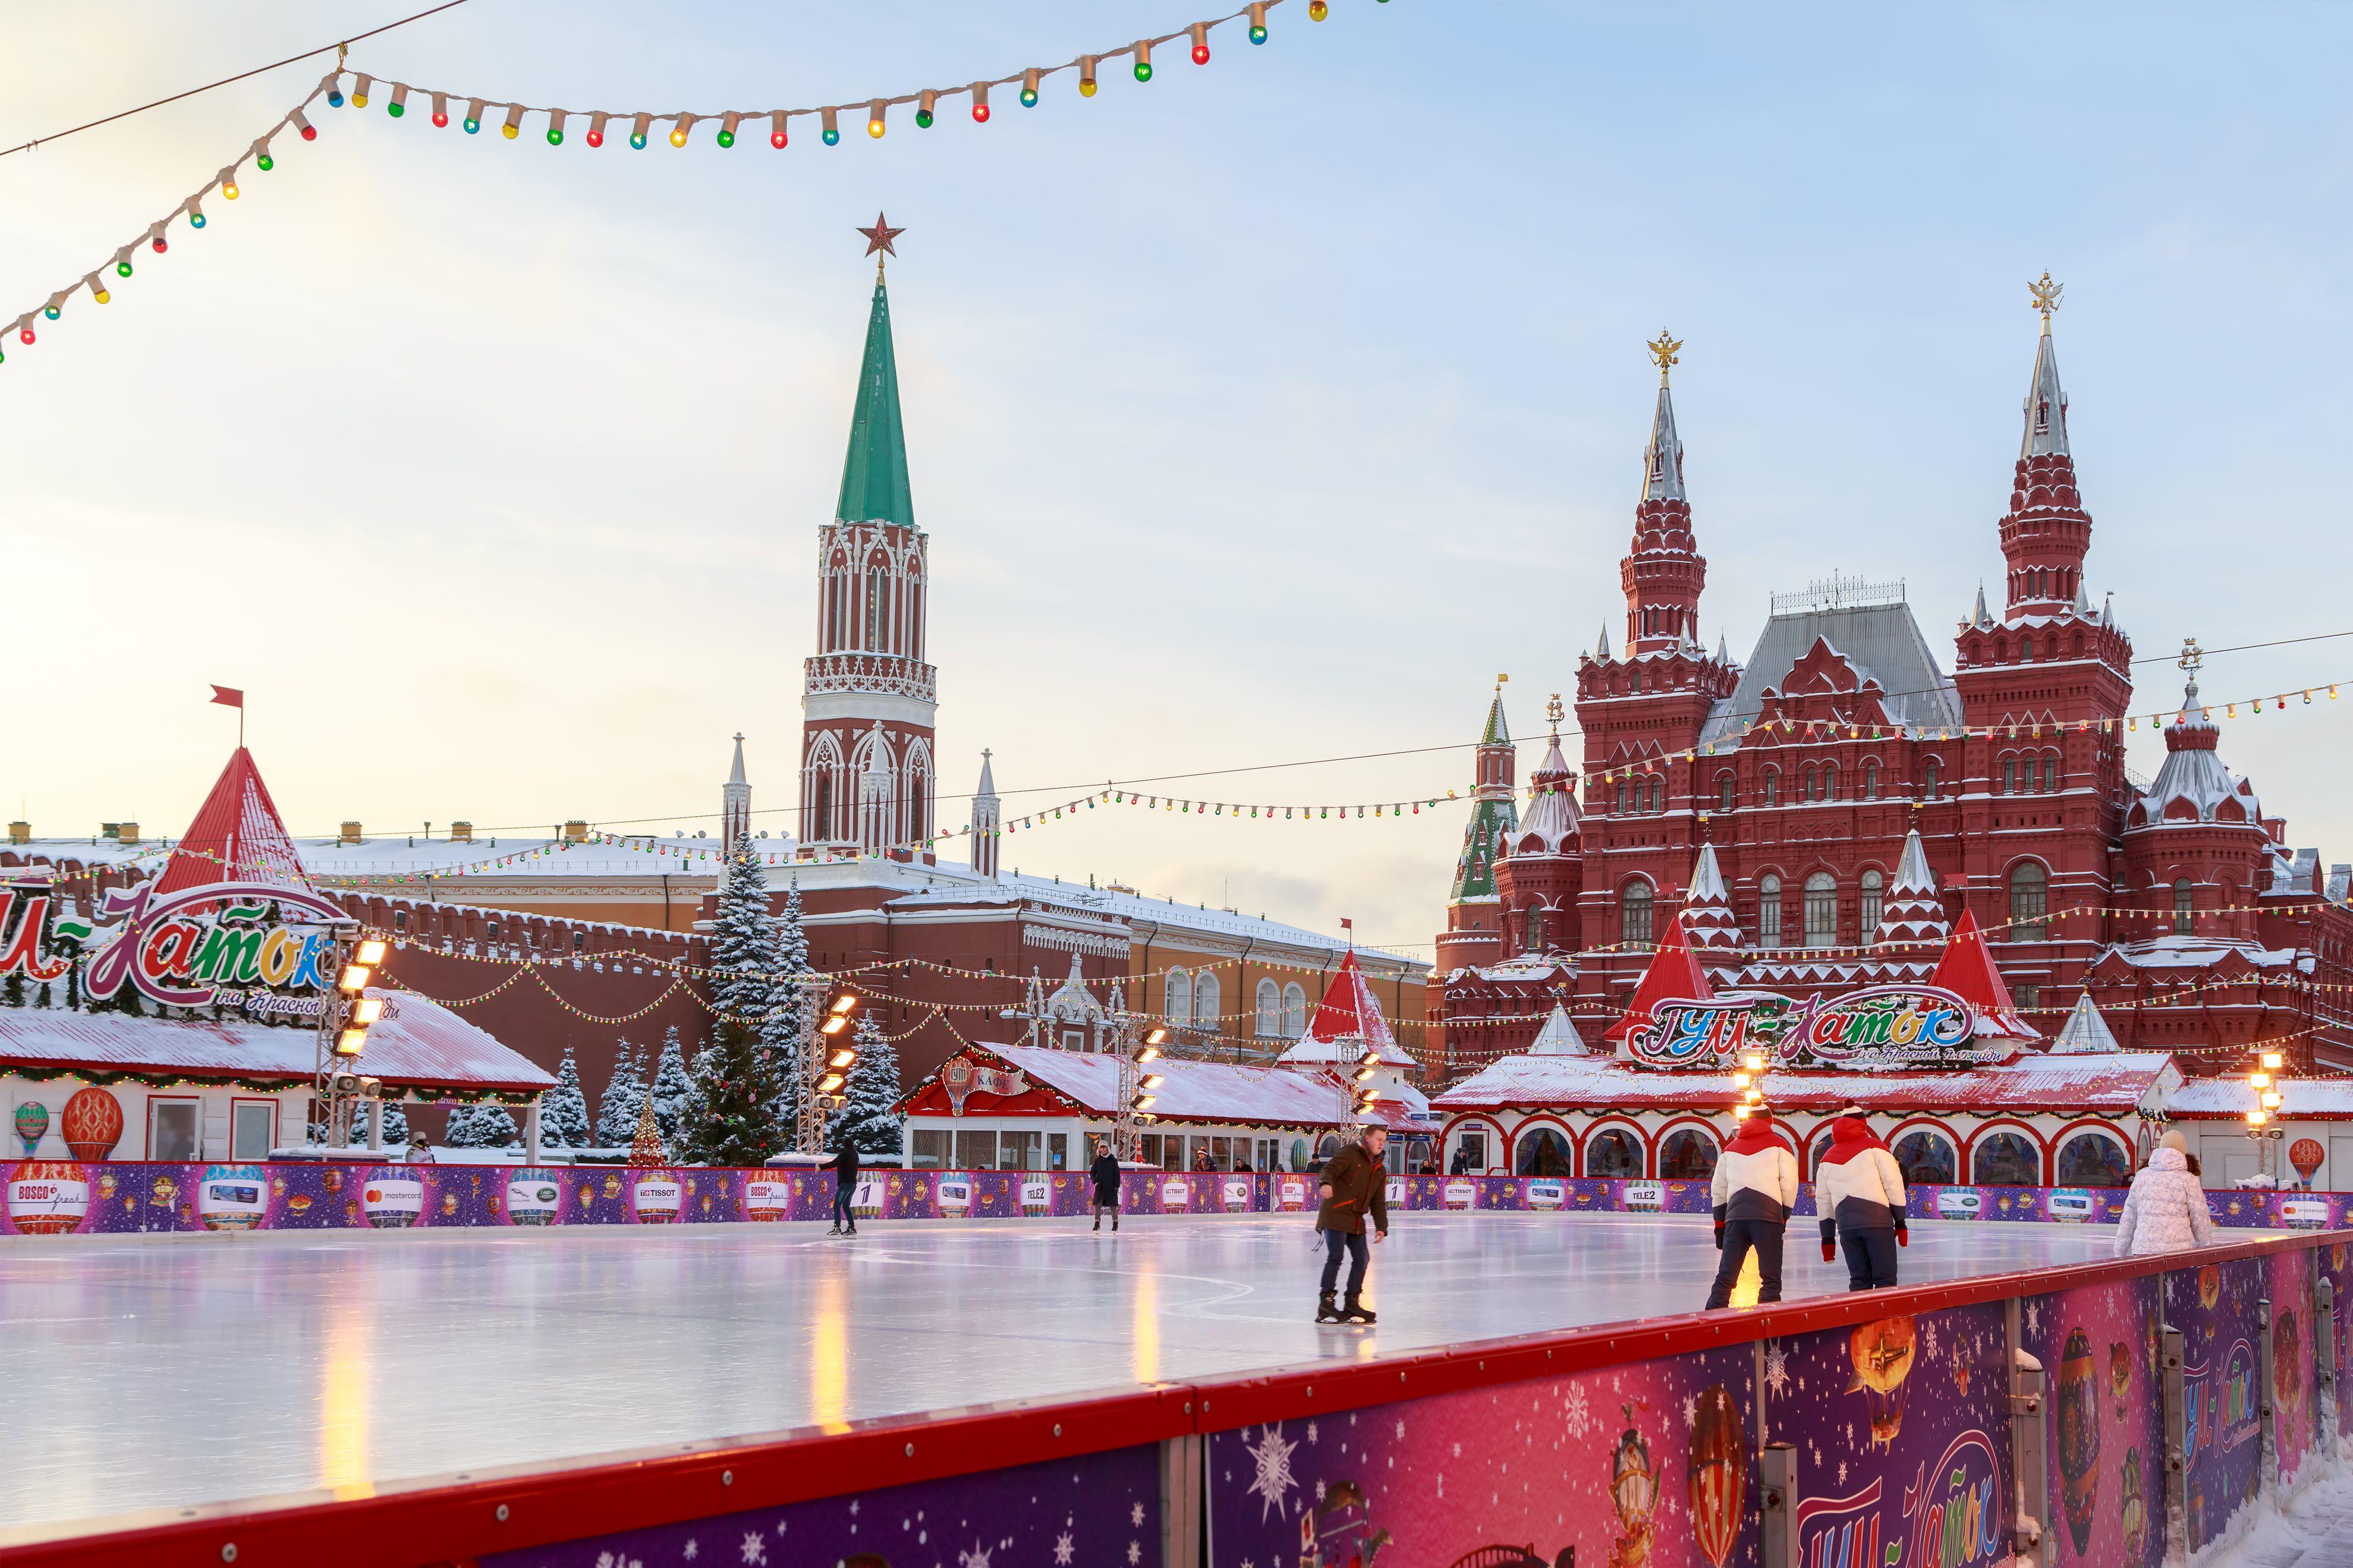 Sân trượt băng trên Quảng trường Đỏ gần các bức tường của điện Kremlin Moscow